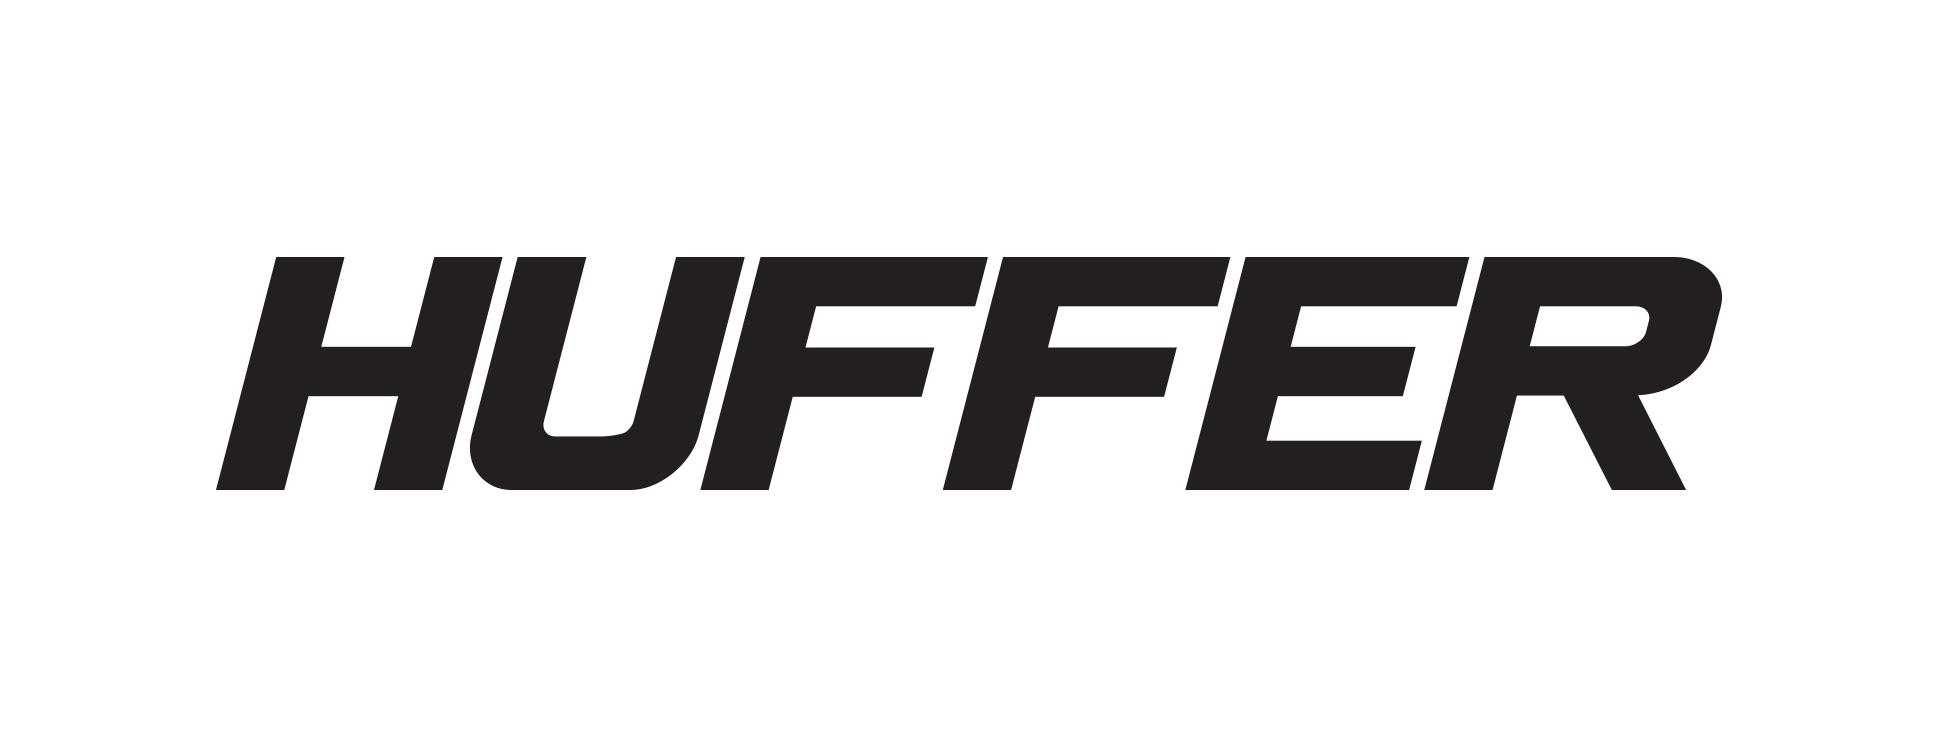 Huffer_Logo_JPG.jpg